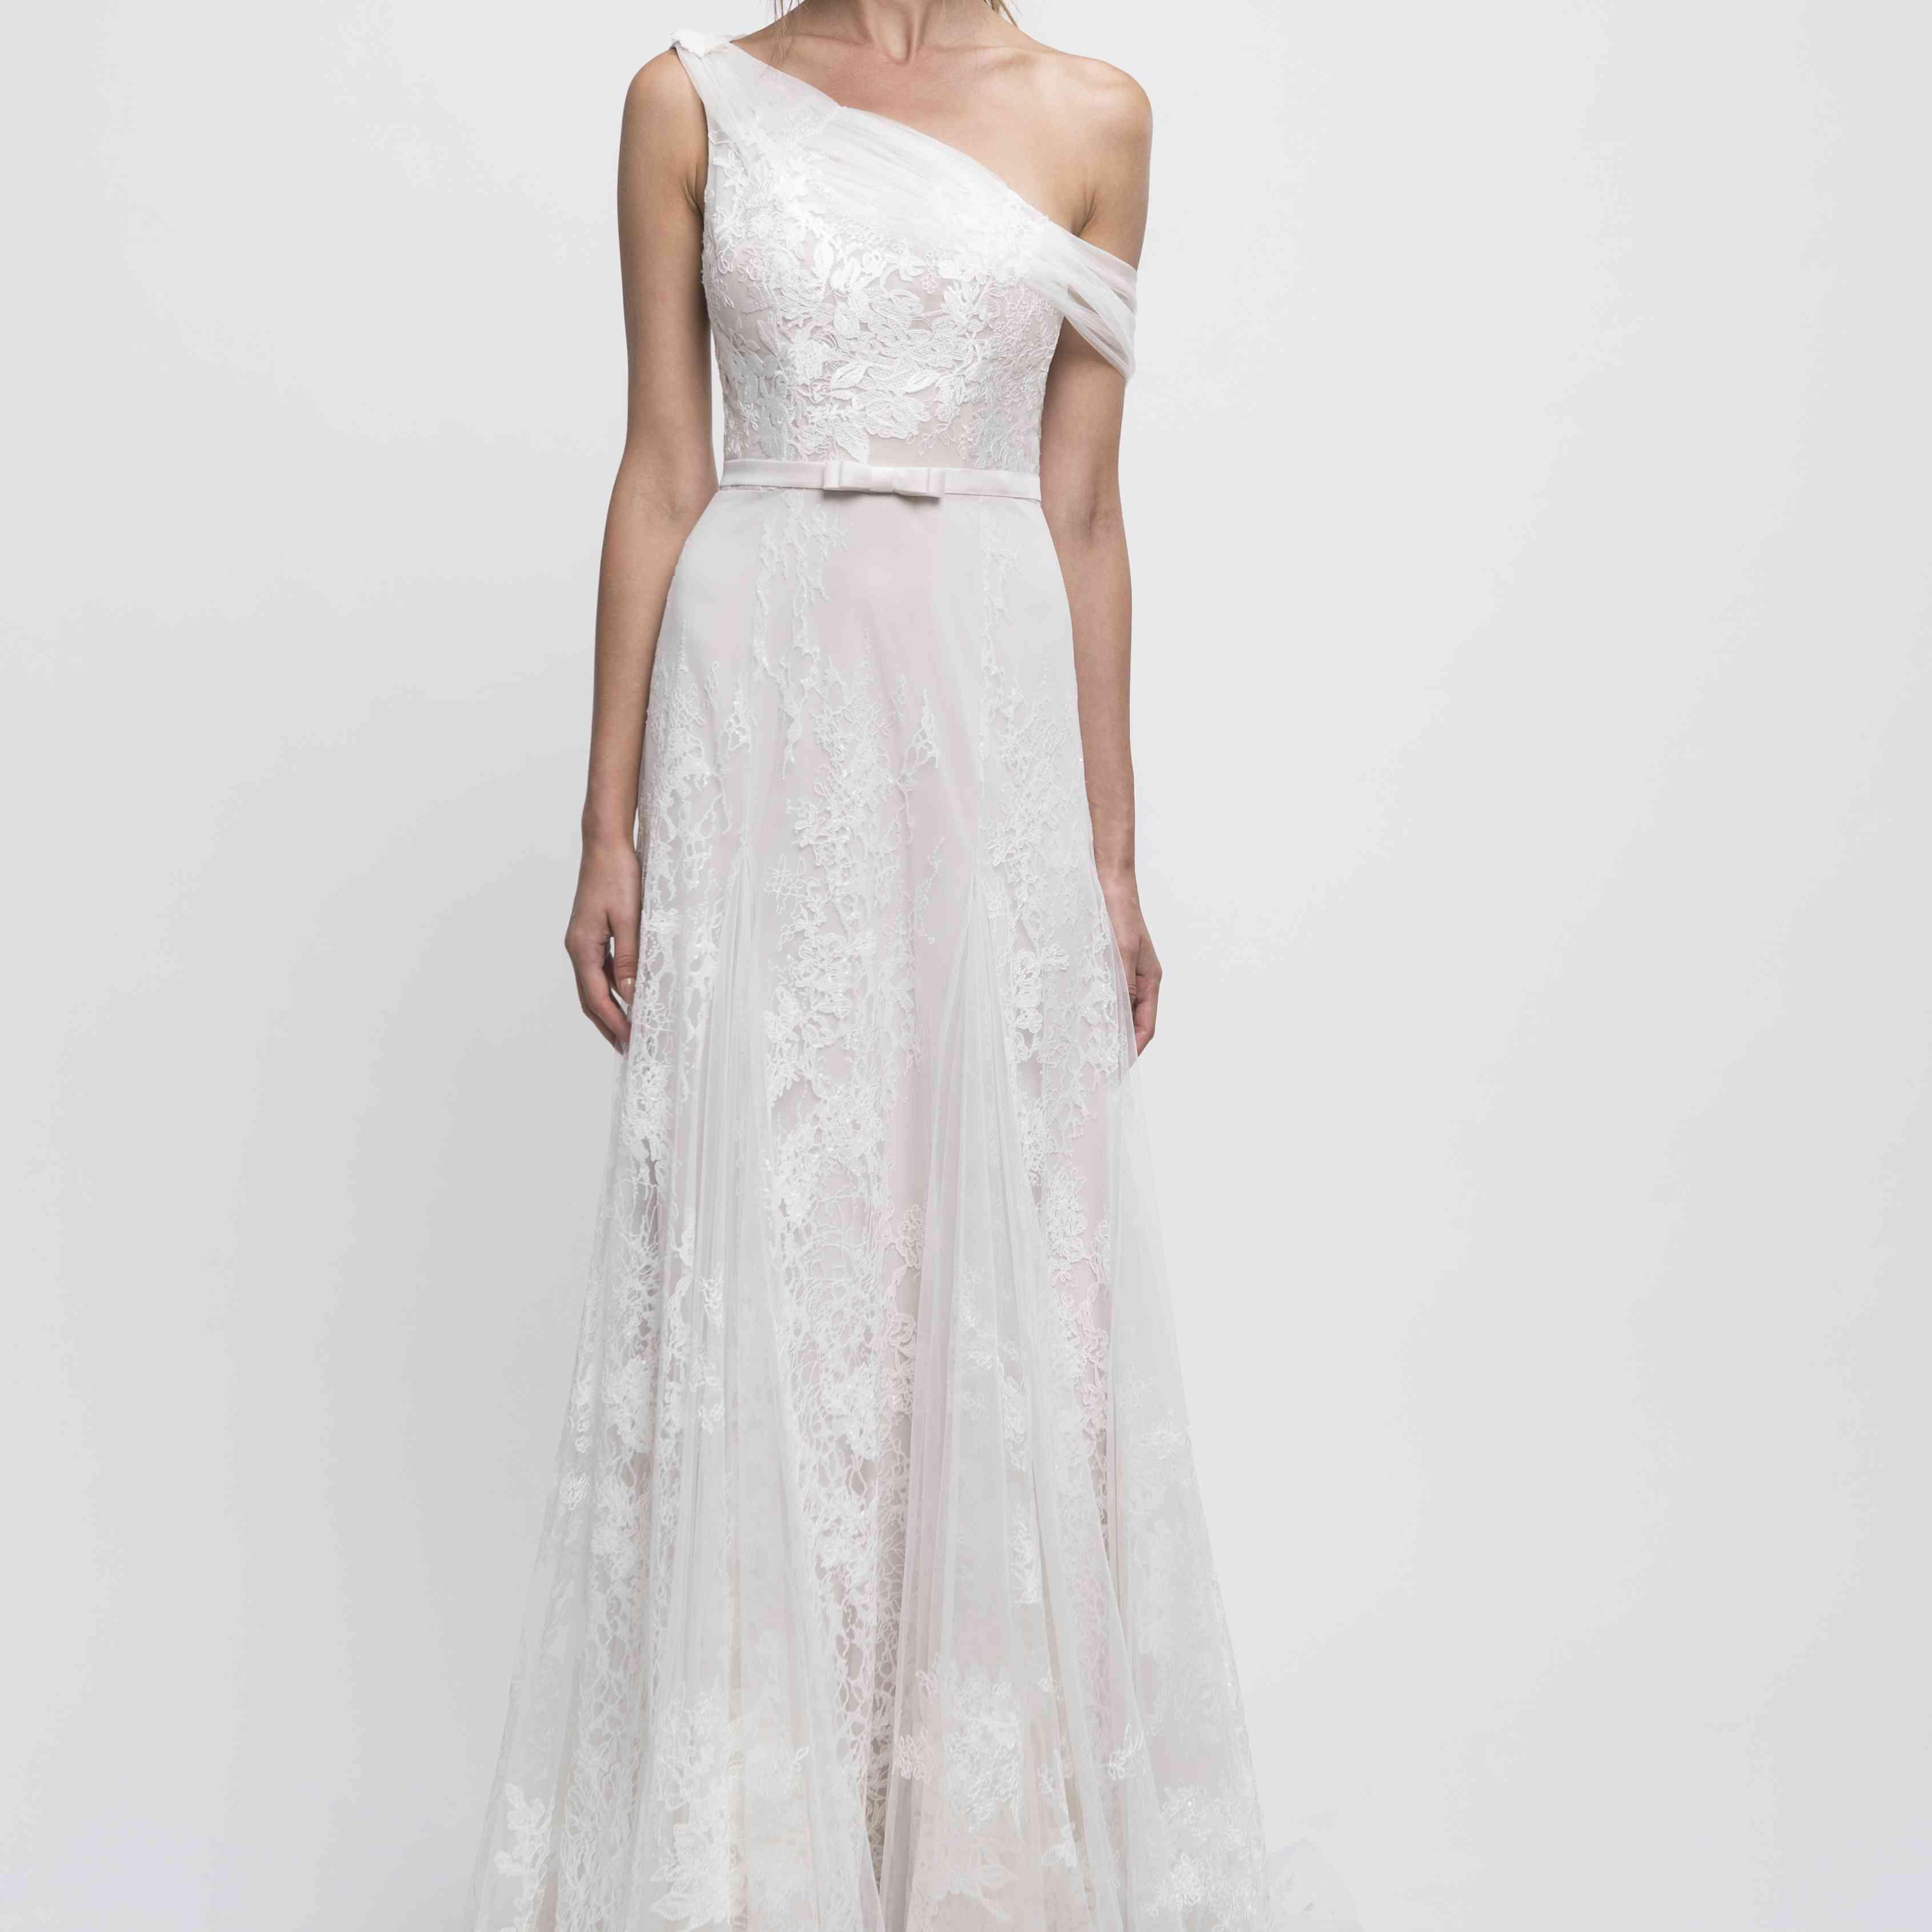 Faith wedding dress